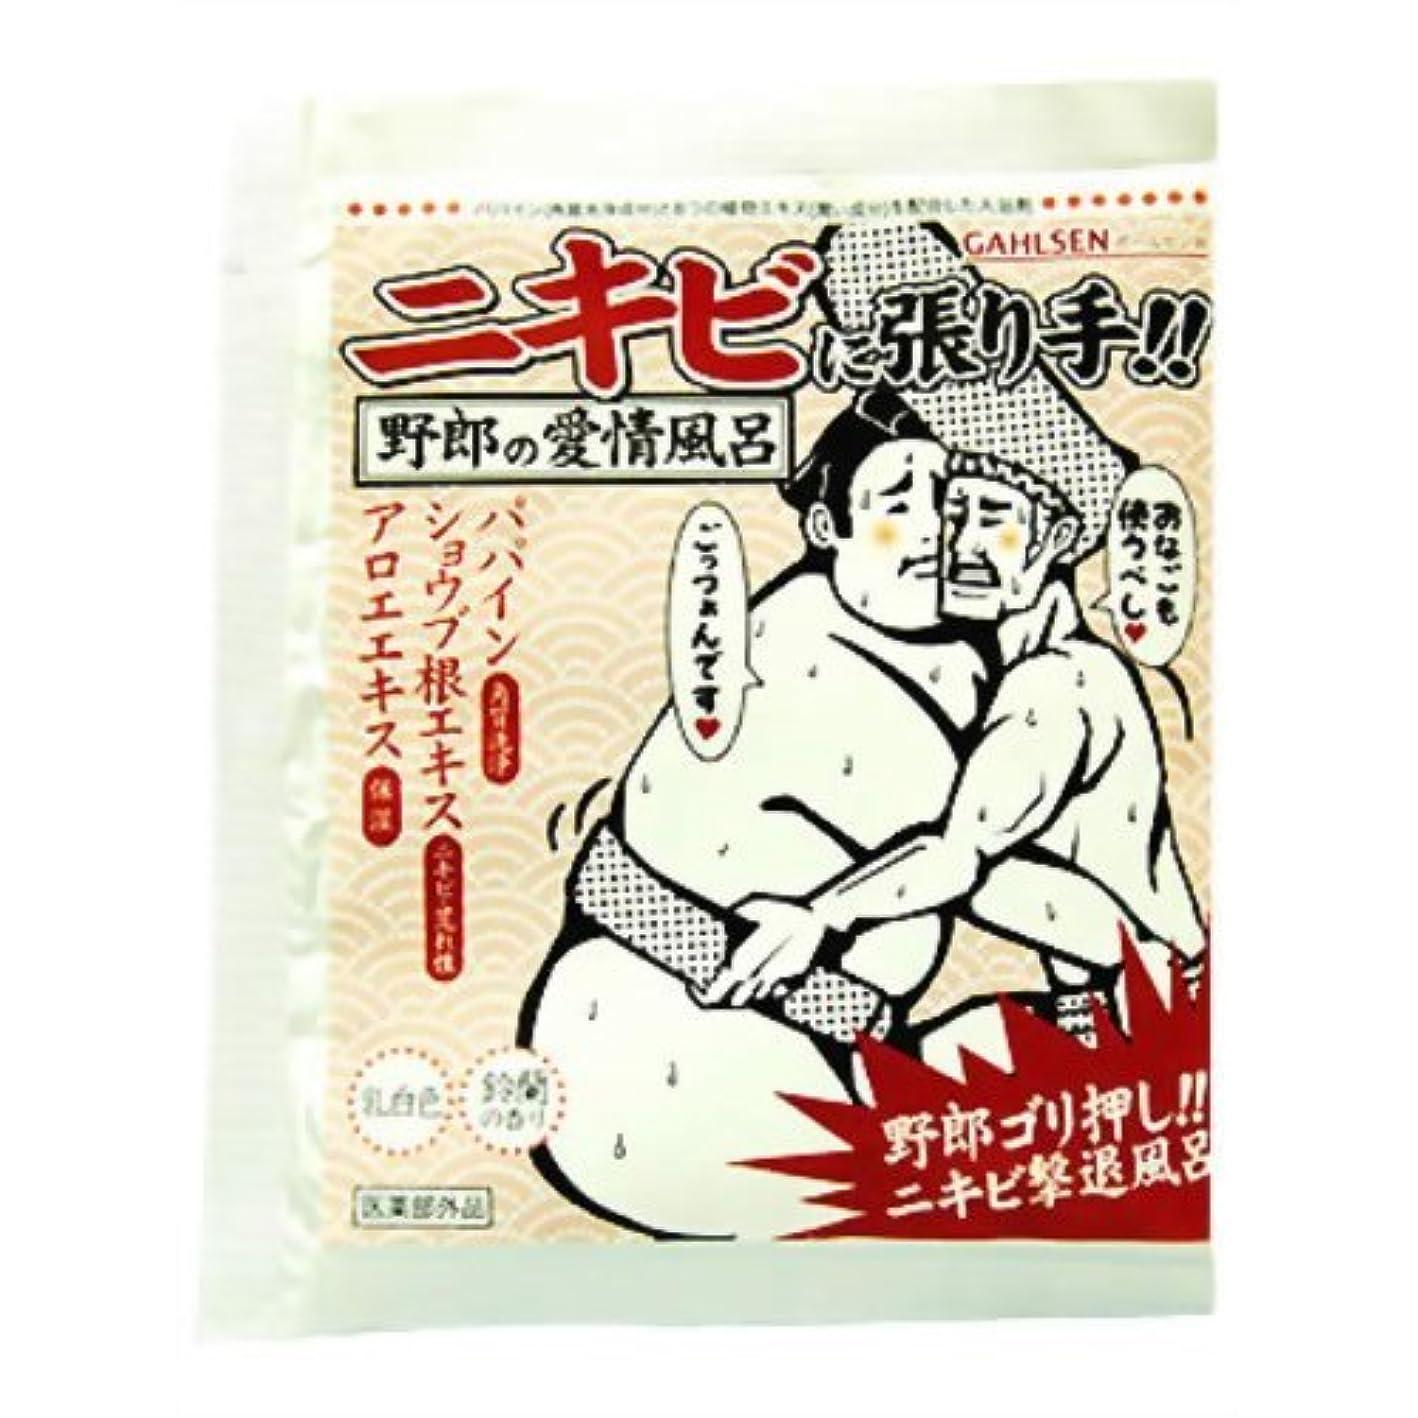 デマンド補体それガールセンW 25g*10袋(入浴剤)